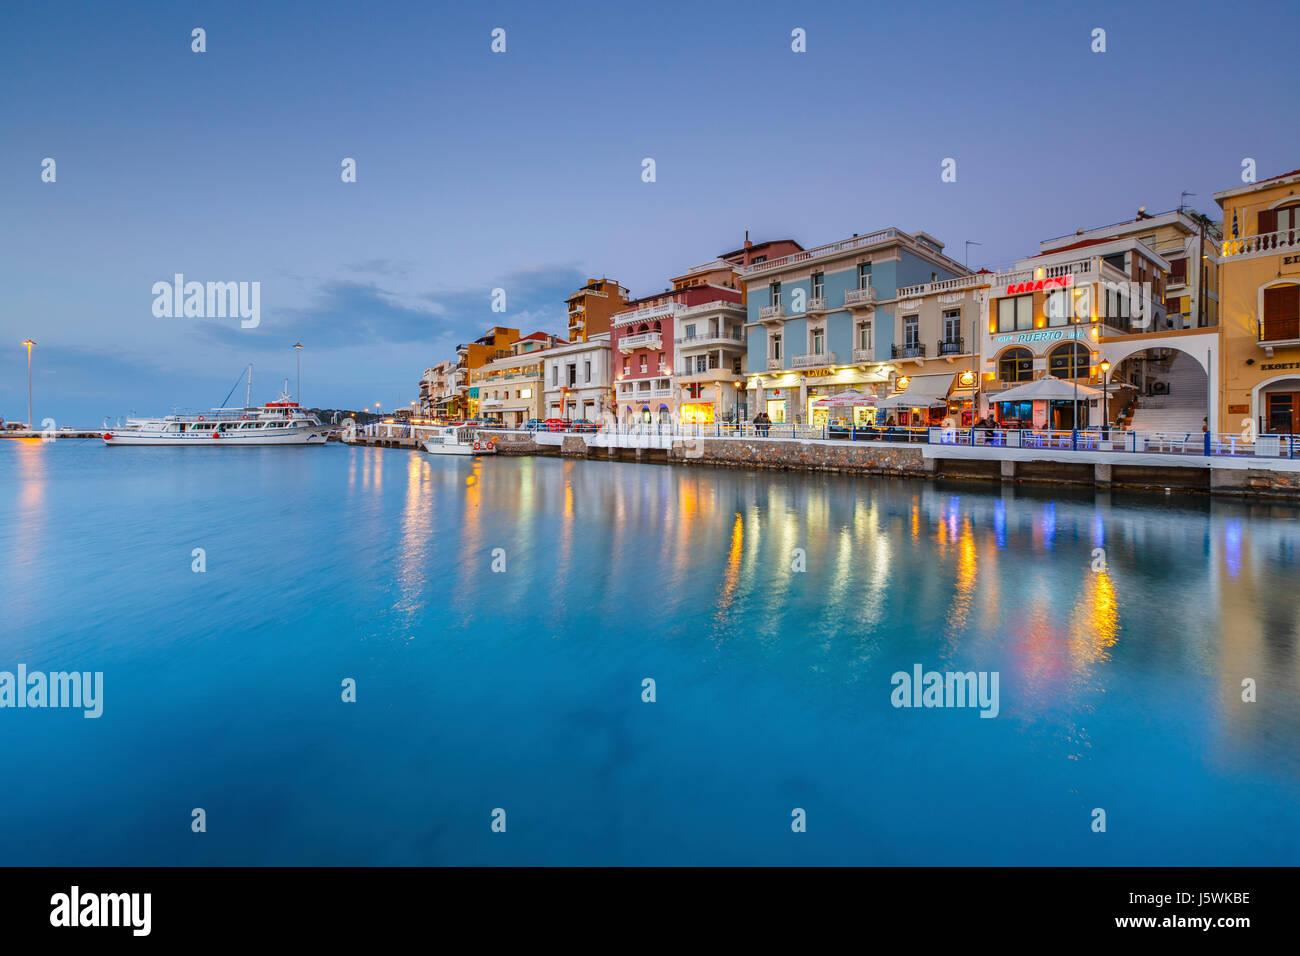 Vista serale di Agios Nikolaos ed il suo porto, Creta, Grecia. Immagini Stock